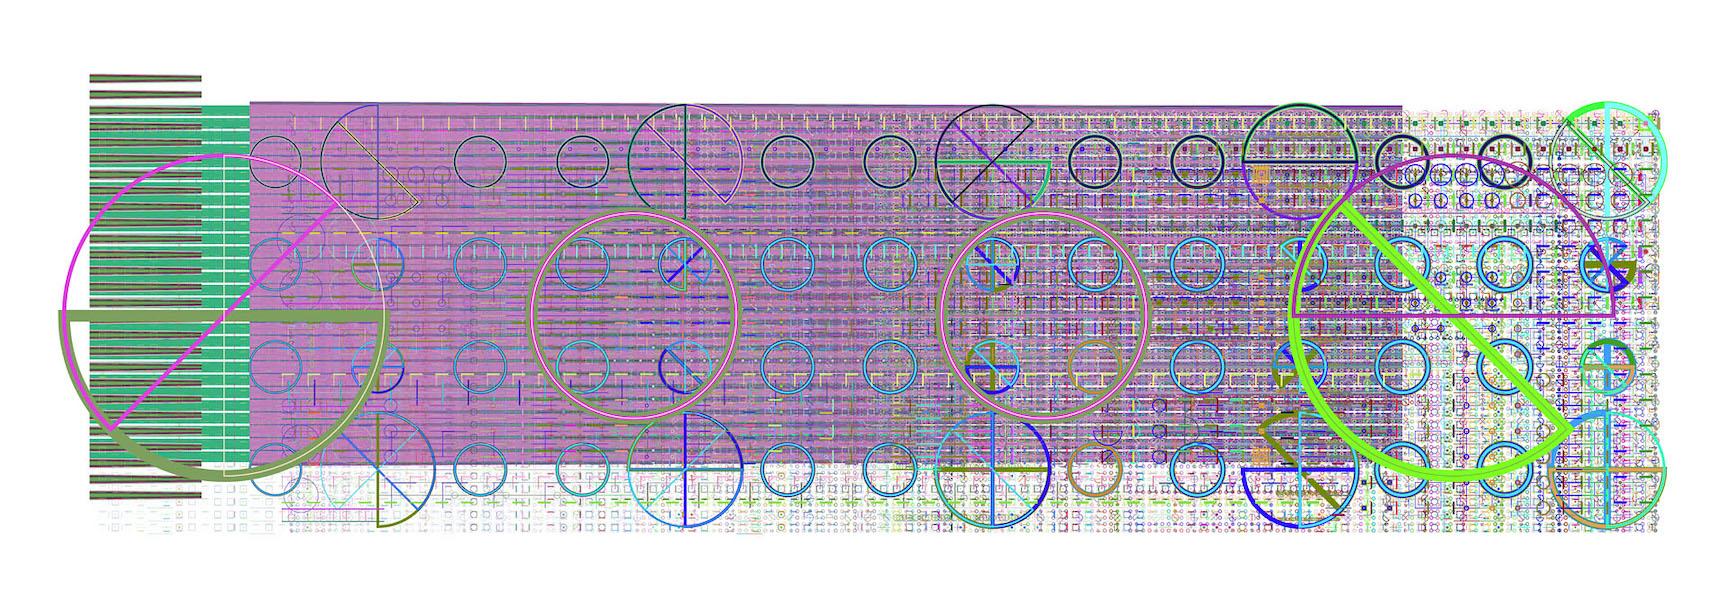 Mark Wilson, e6201, haltbarer Inkjetprint auf Hadernpapier, 23 x 61 cm, Edition von 5, signiert und datiert, 2009